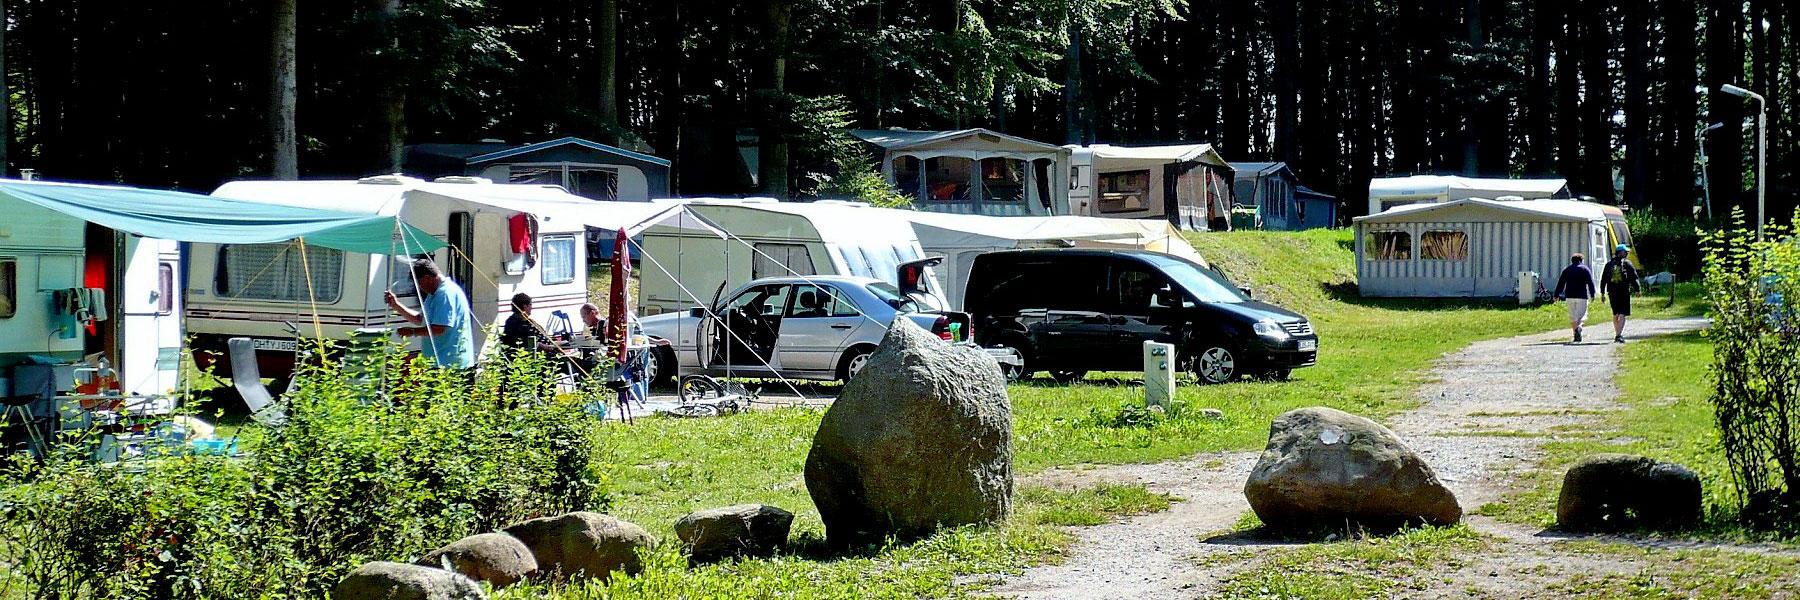 Campingplatz - Krüger Naturcamping